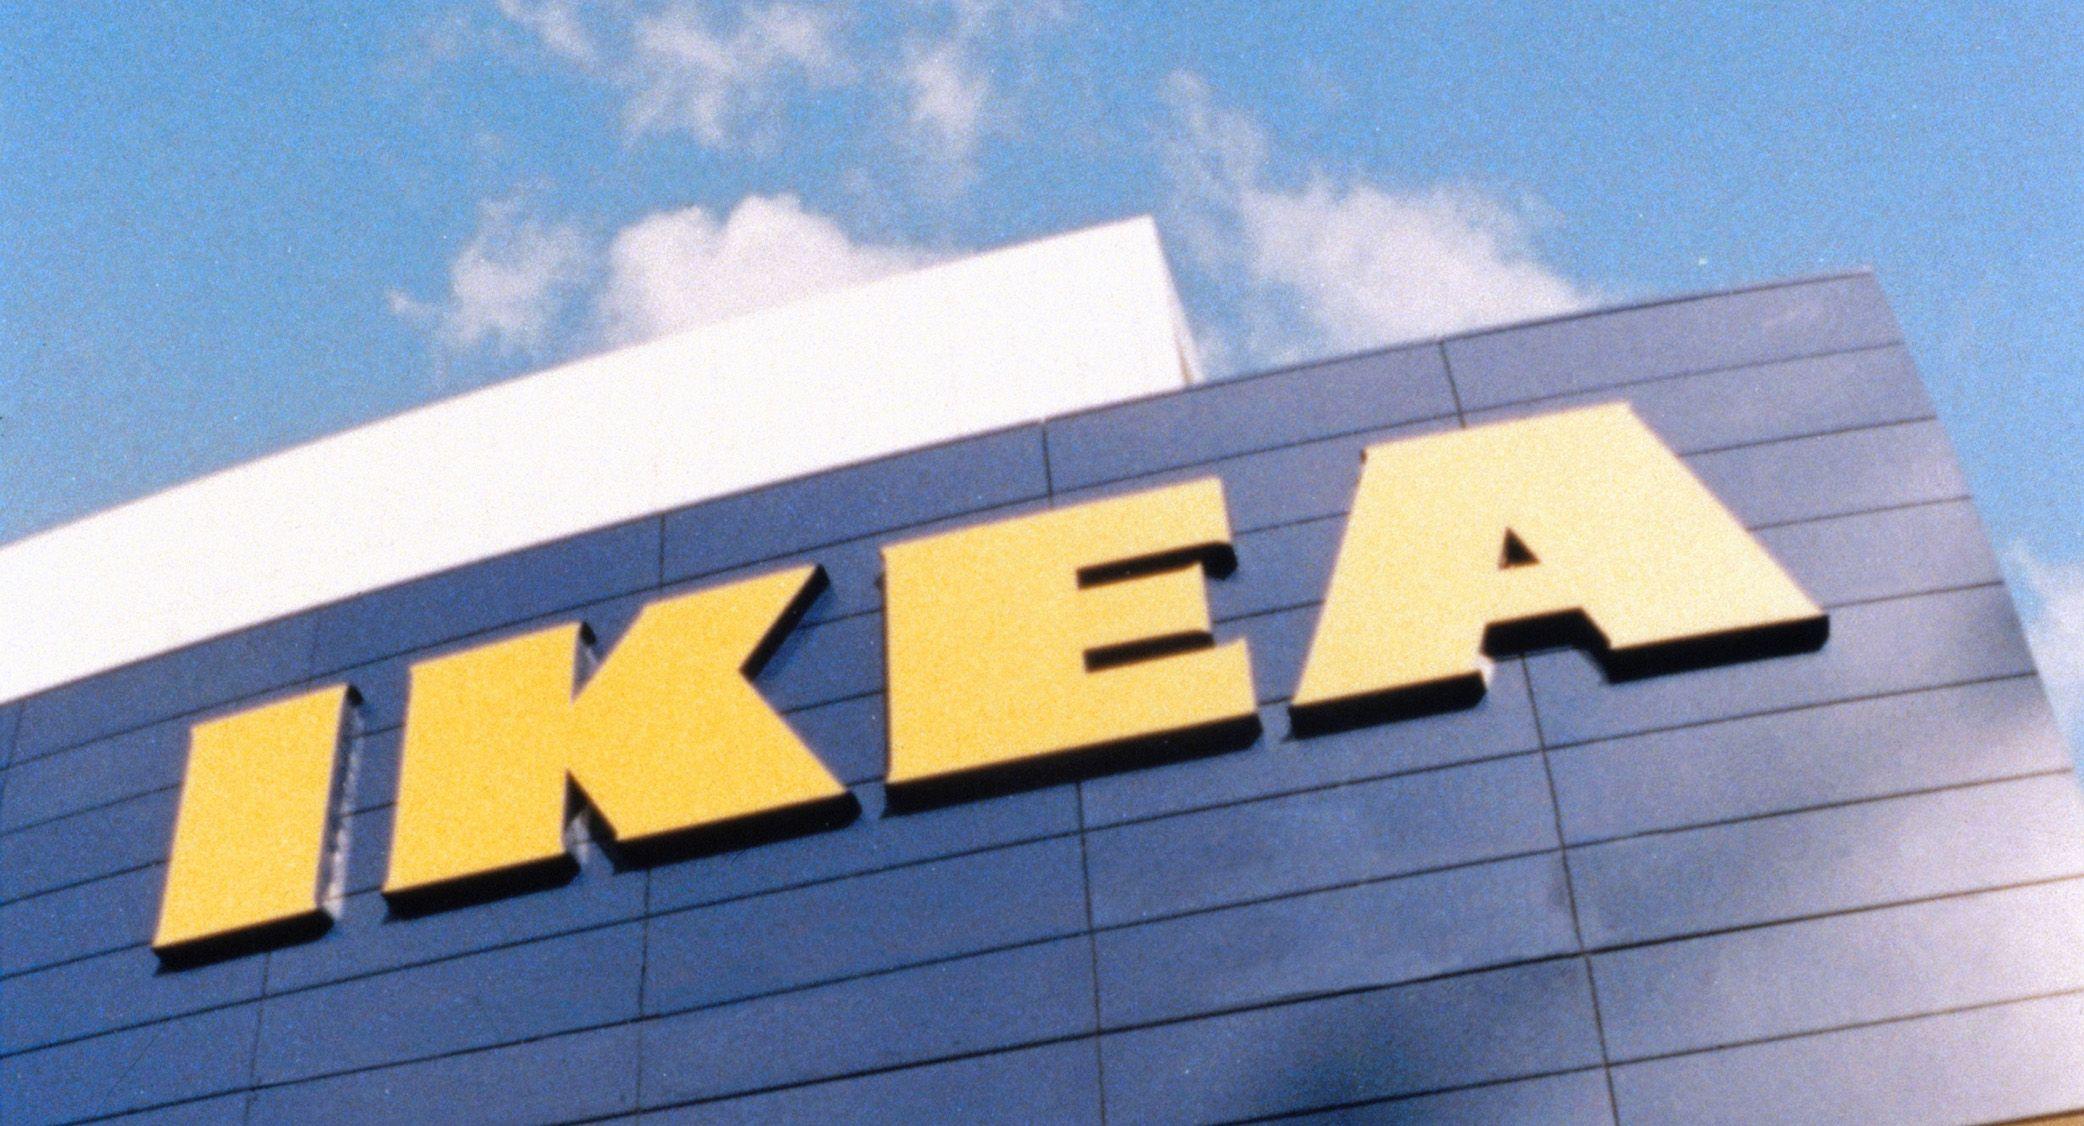 Ingvar Kamprad Founder Of Ikea Swede Ingvar Kamprad Began With